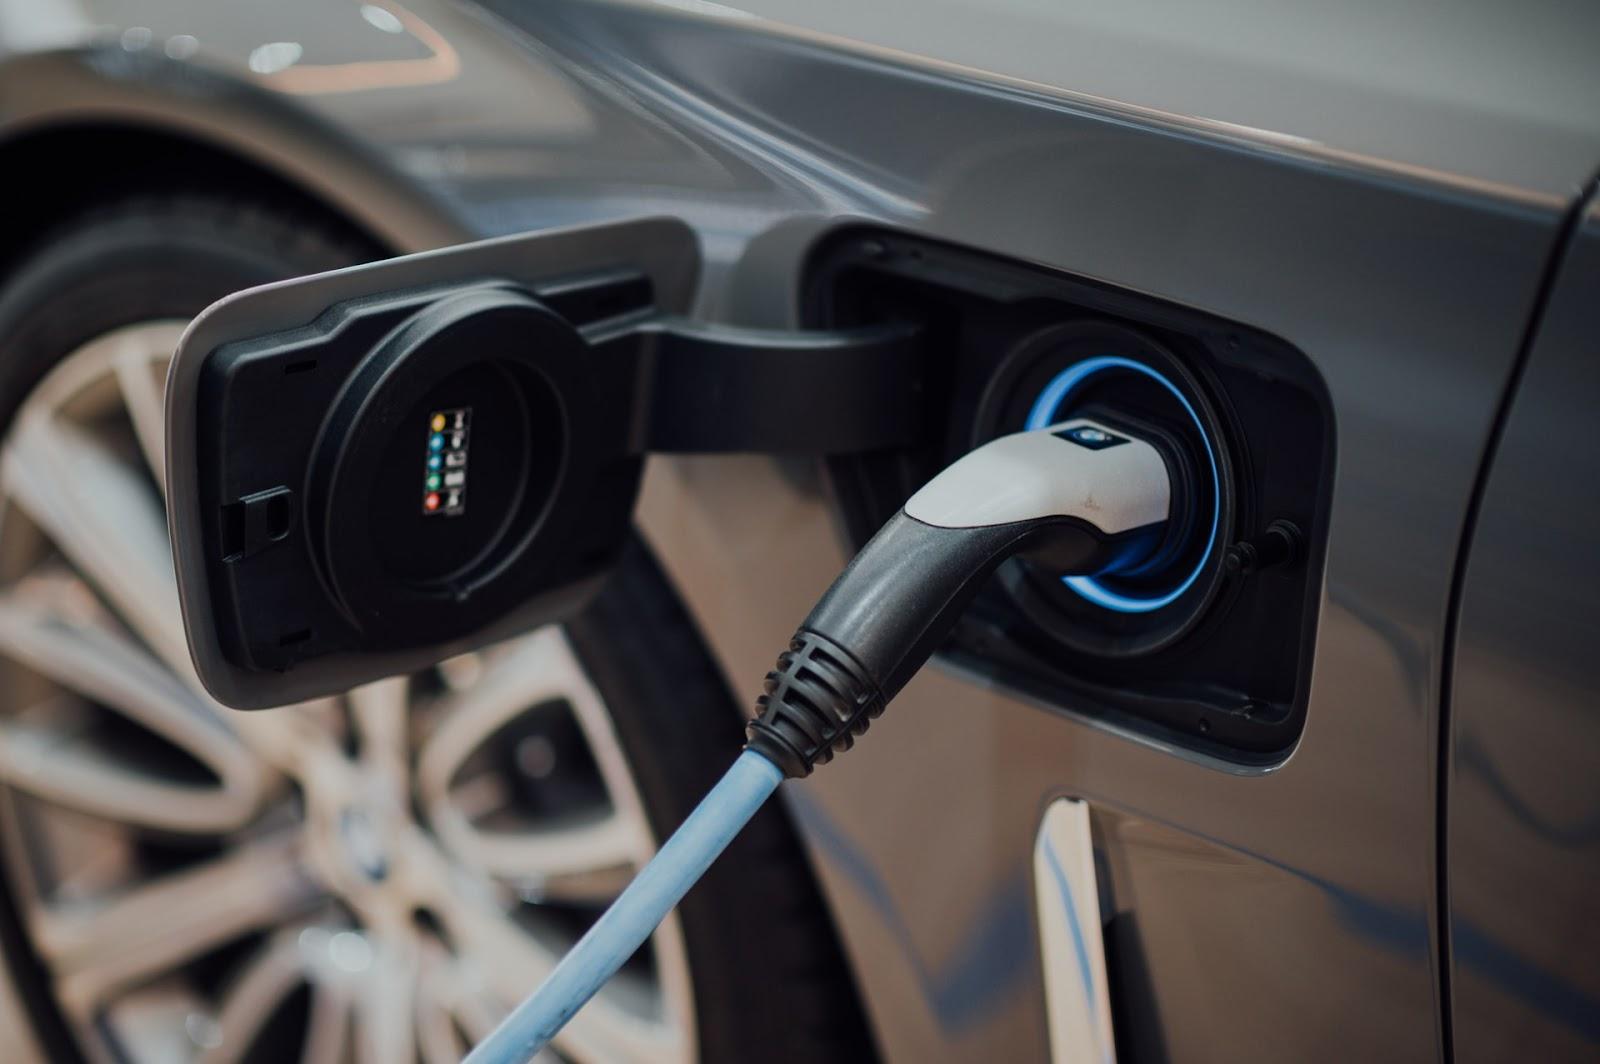 Incentivo a veículos elétricos e formas de mobilidade menos poluentes fazem parte do conceito de retomada verde (Fonte: Unsplash)